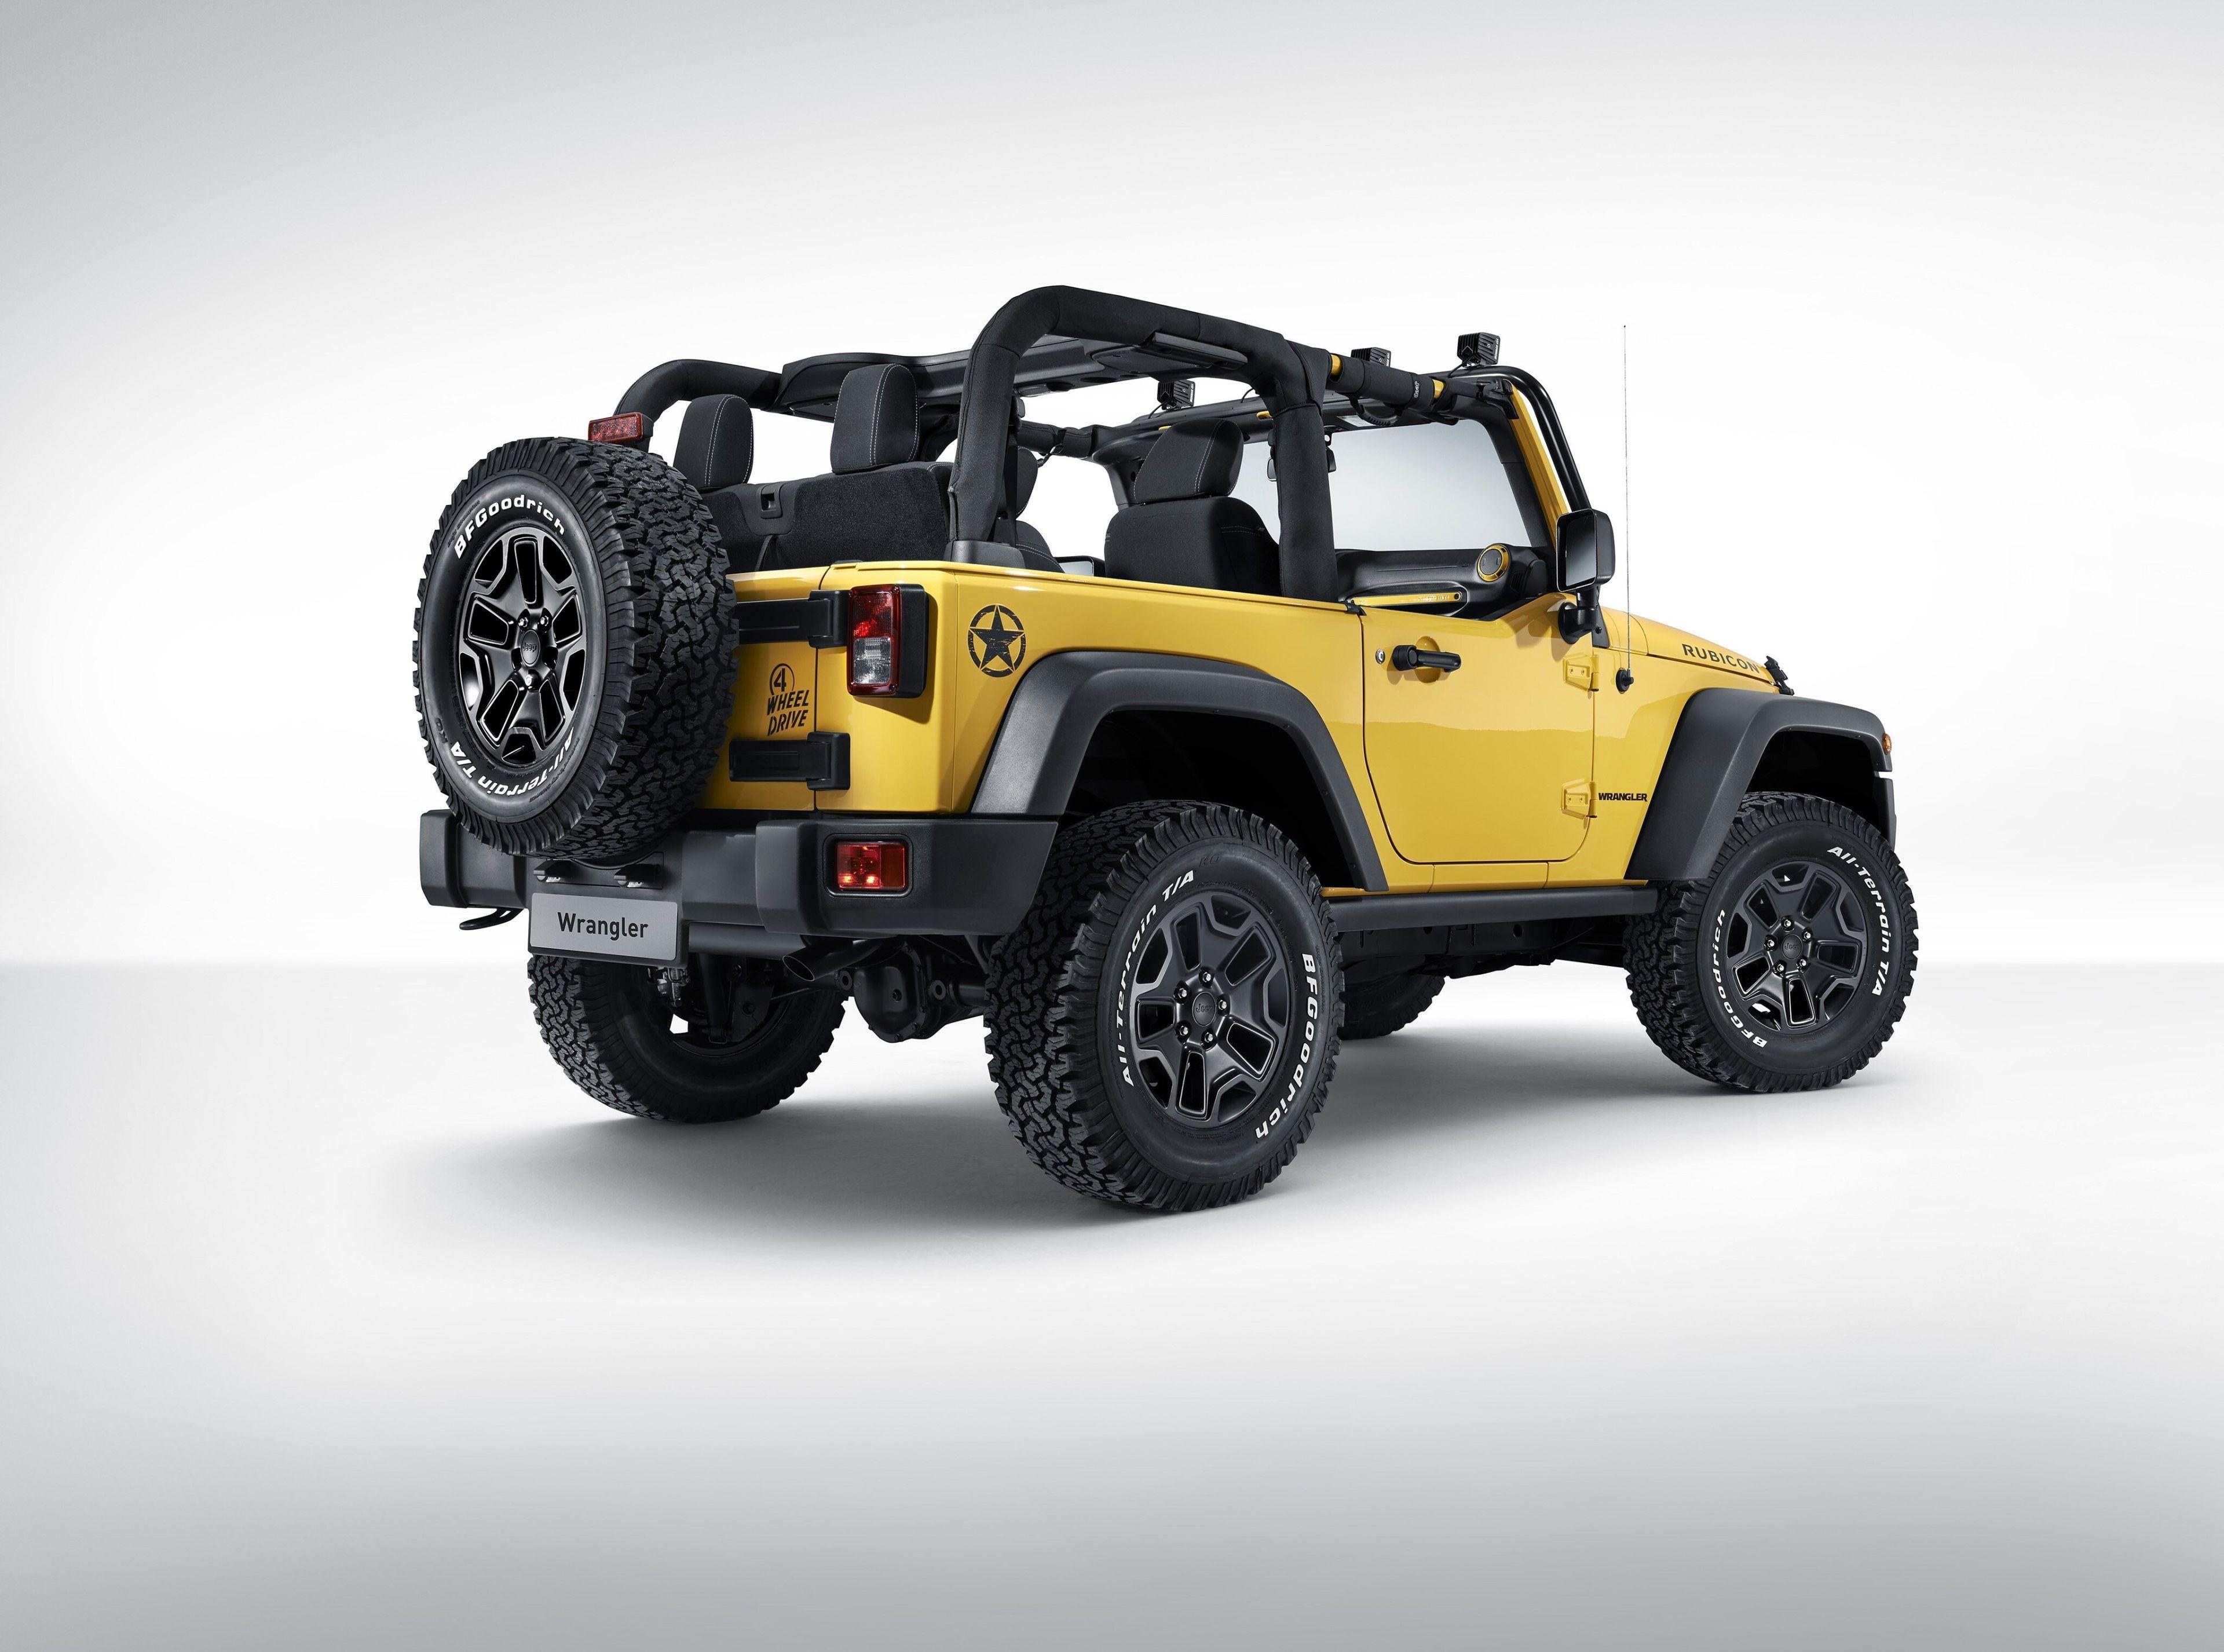 3840x2852 Jeep Wrangler Rubicon Rocks Star 4k Free Wallpaper Wide Jeep Wrangler Rubicon Jeep Wrangler 2015 Jeep Wrangler